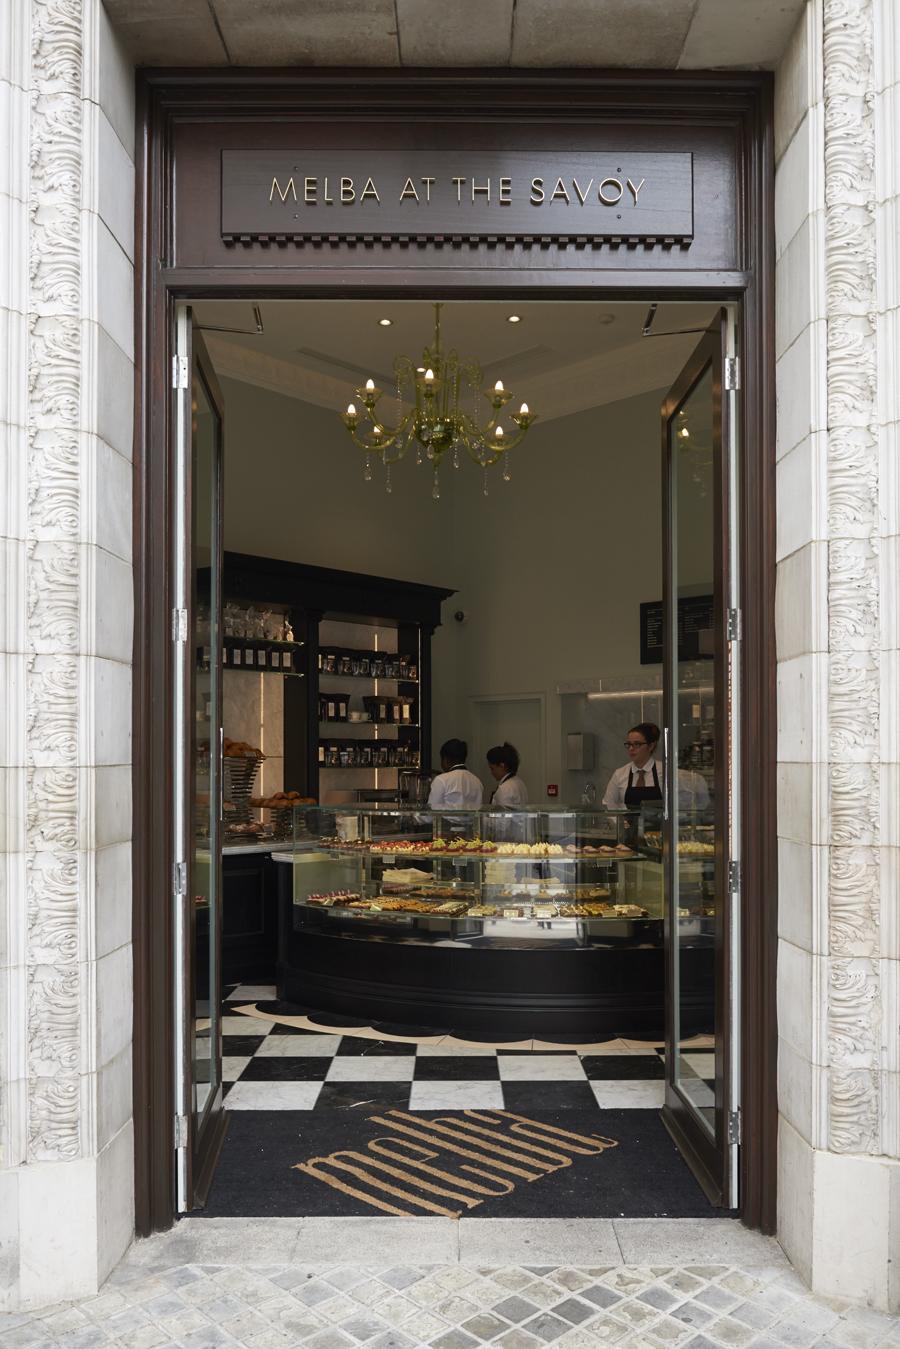 轻食咖啡馆Melba品牌形象策划,品牌形象设计,店面空间设计